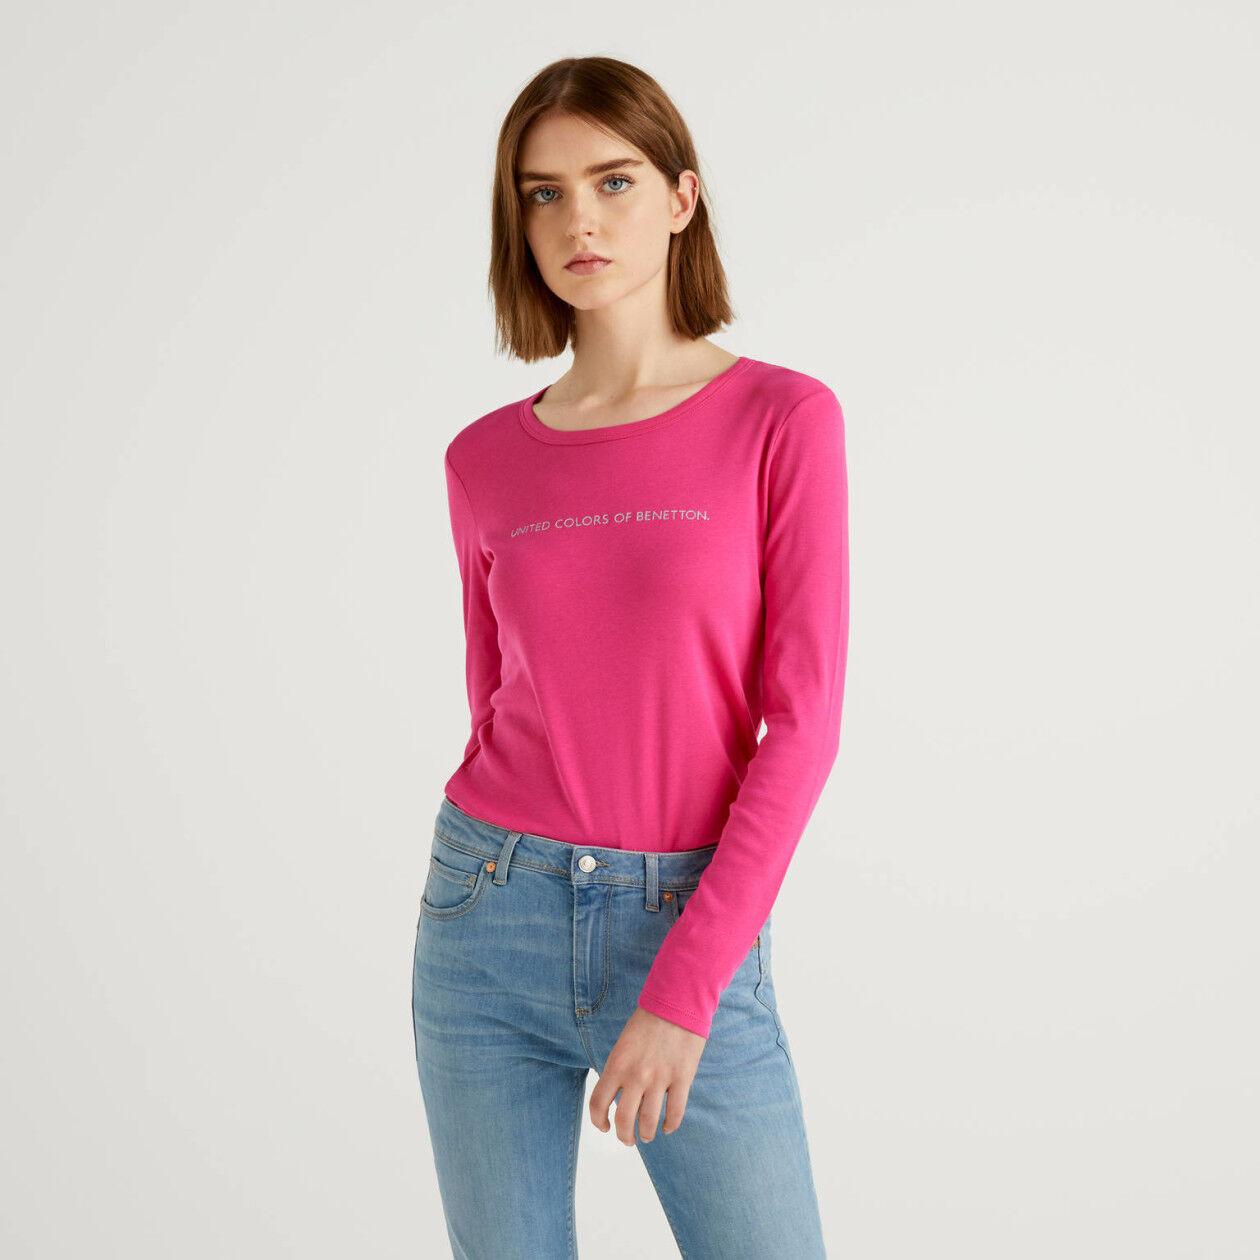 Long sleeve fuchsia t-shirt in 100% cotton